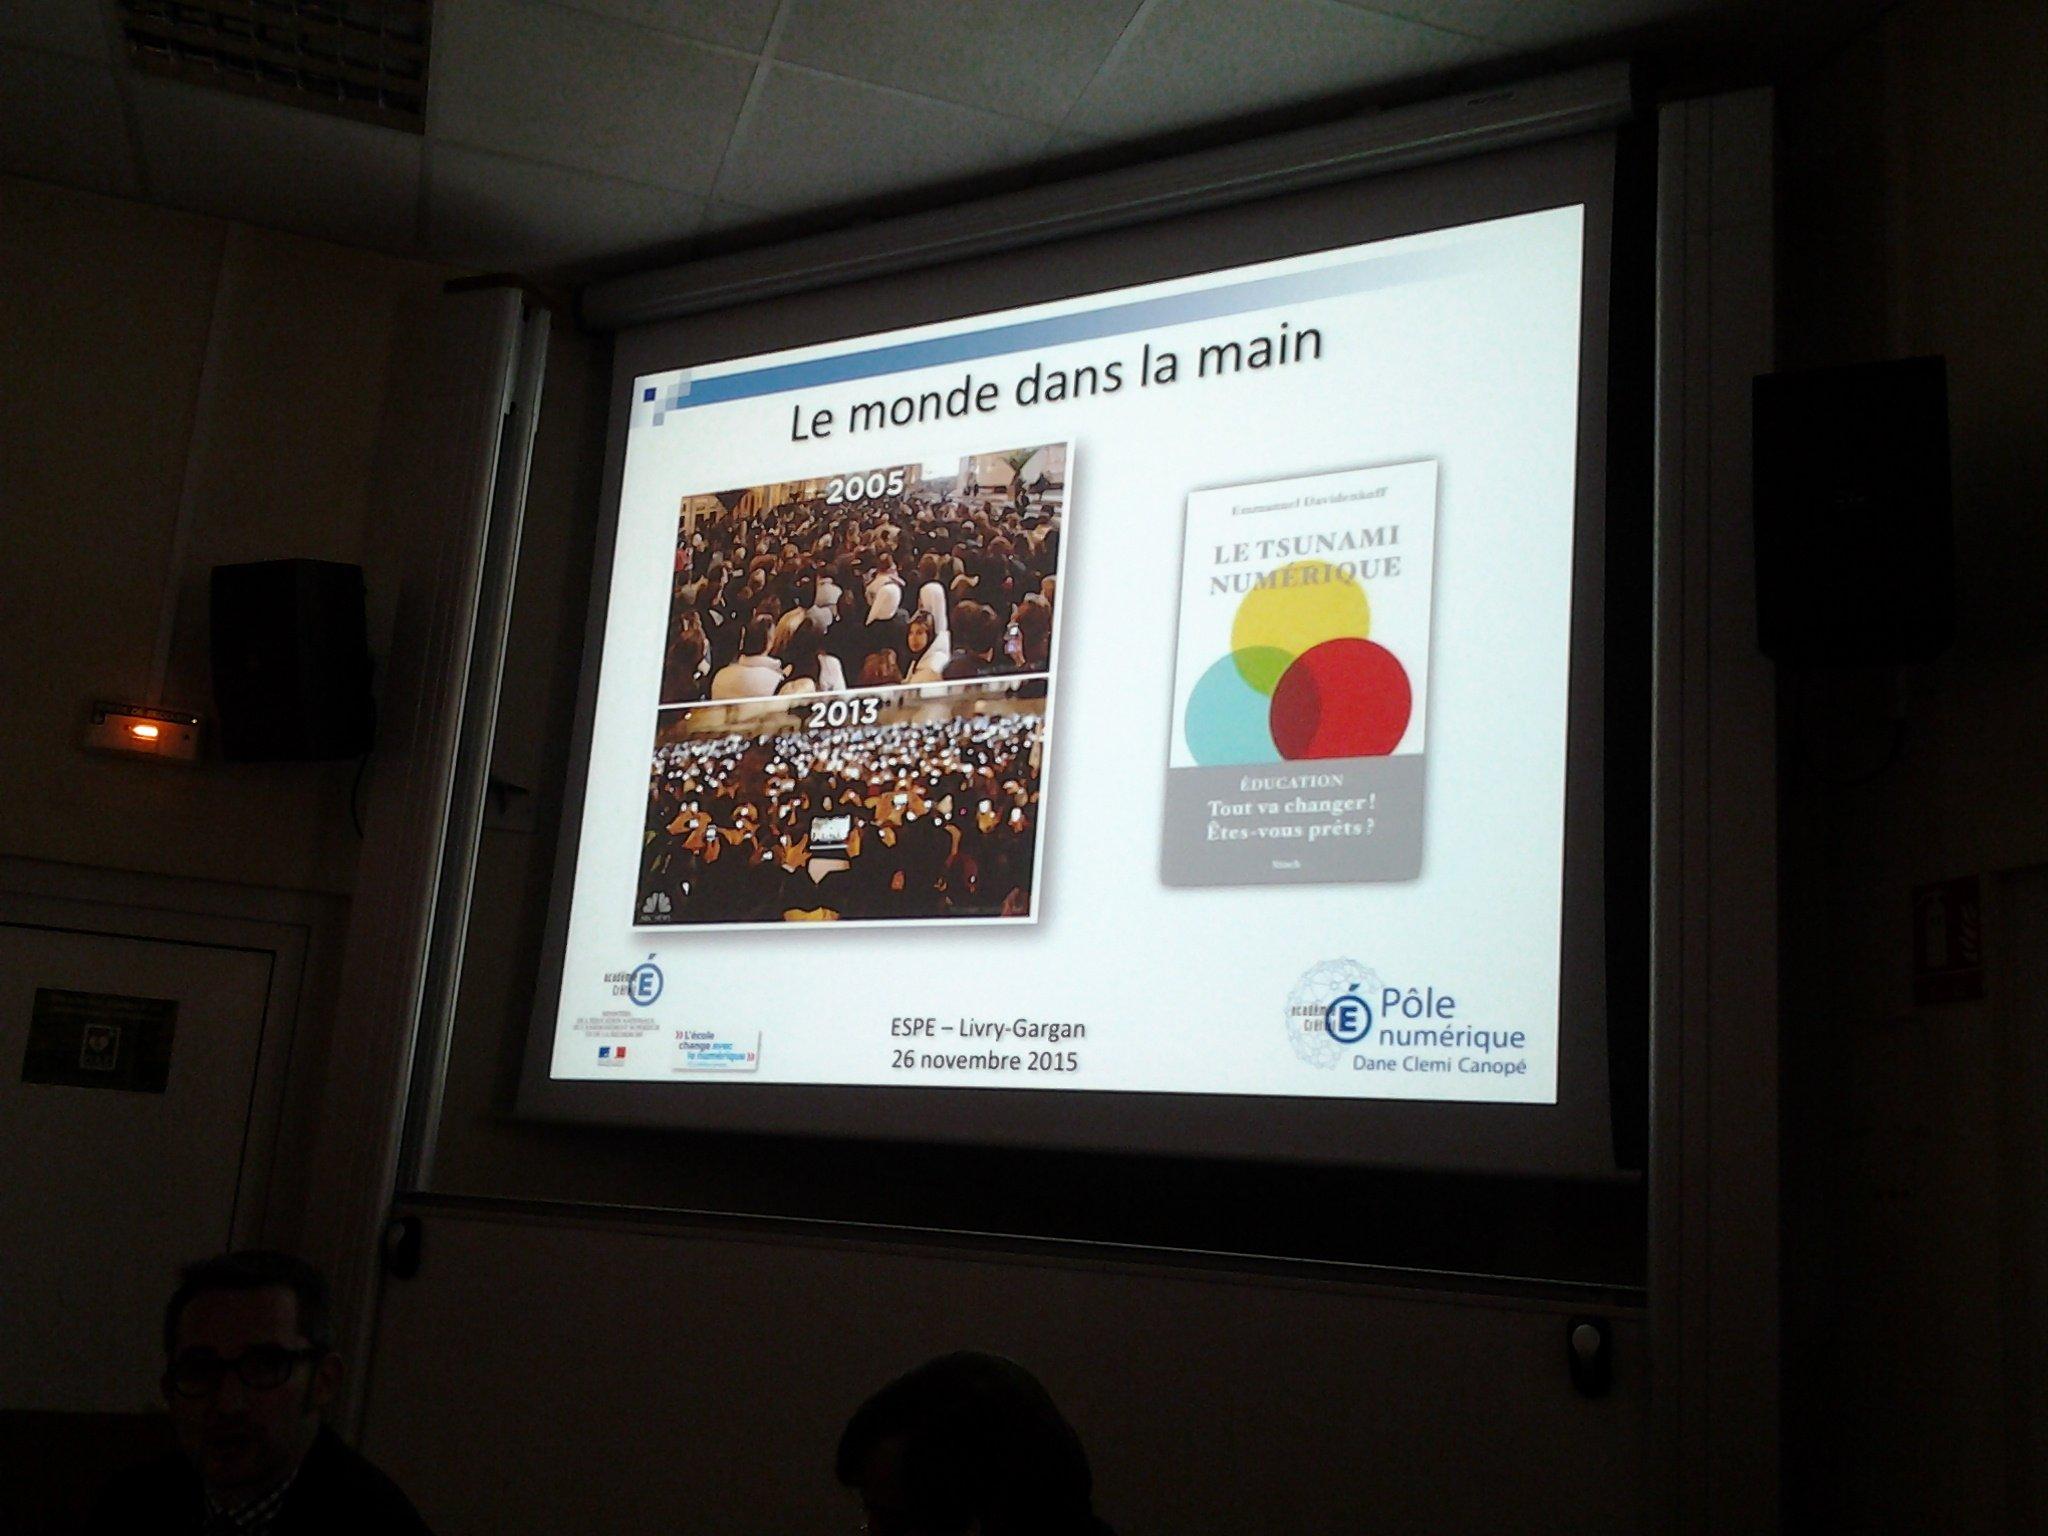 #PlanNumCreteil @PhilRoederer @Davidenkoff : comment préparer #EcoleNumerique à affronter le tsunami numerique? https://t.co/7wMwqO6GKO